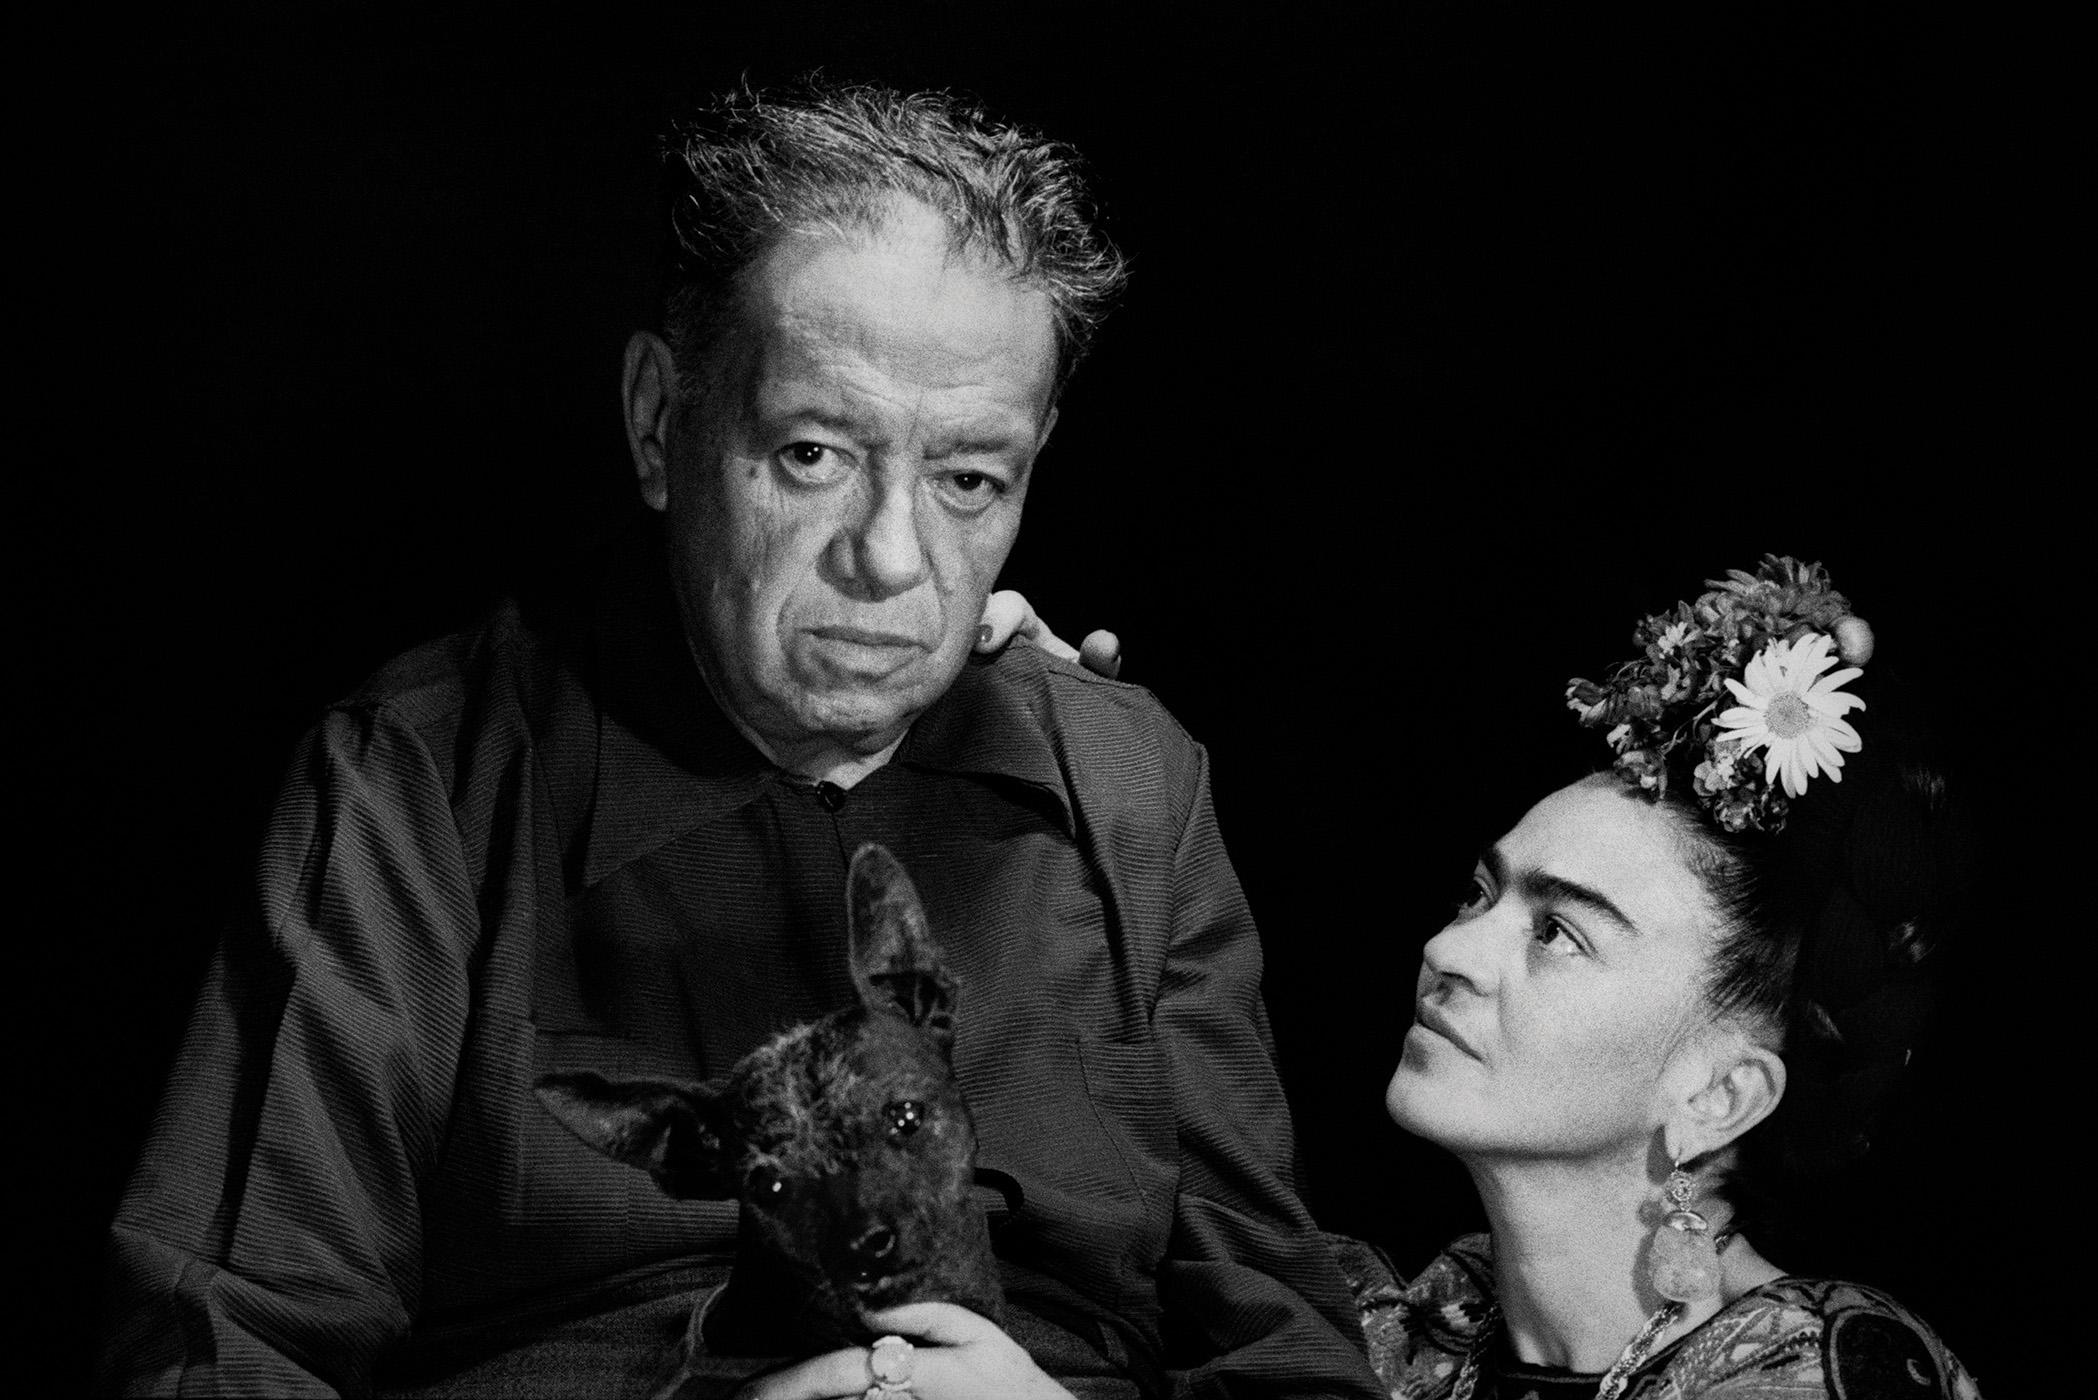 Diego Rivera, Frida Kahlo, & Frida's Chihuahua, Mexico, 1952